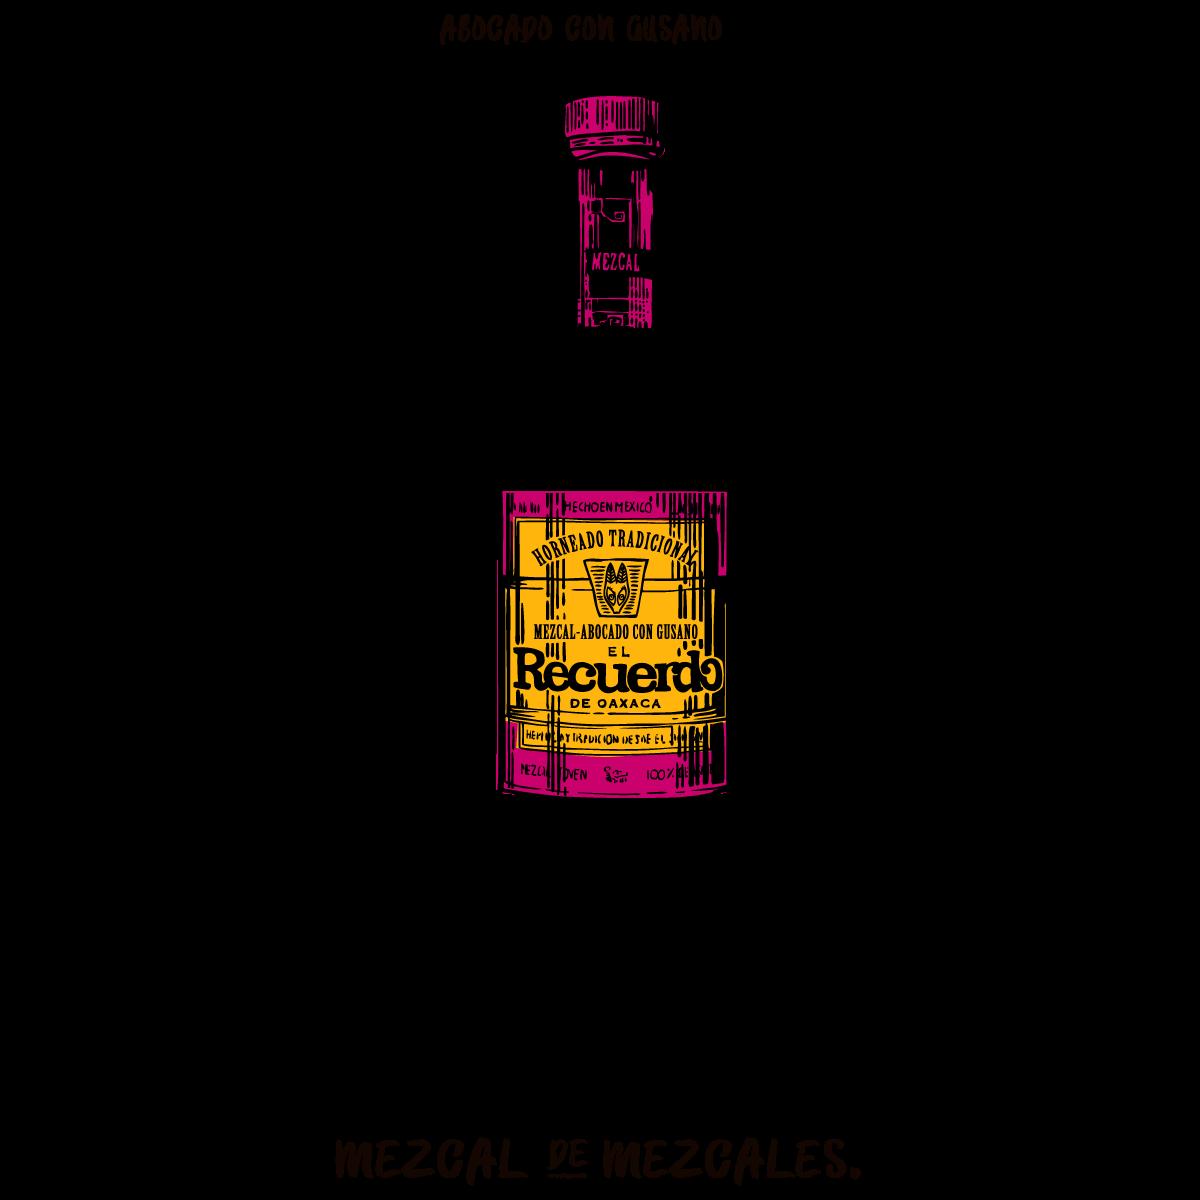 03-abocado-con-gusano-mezcal-de-mezcales-es